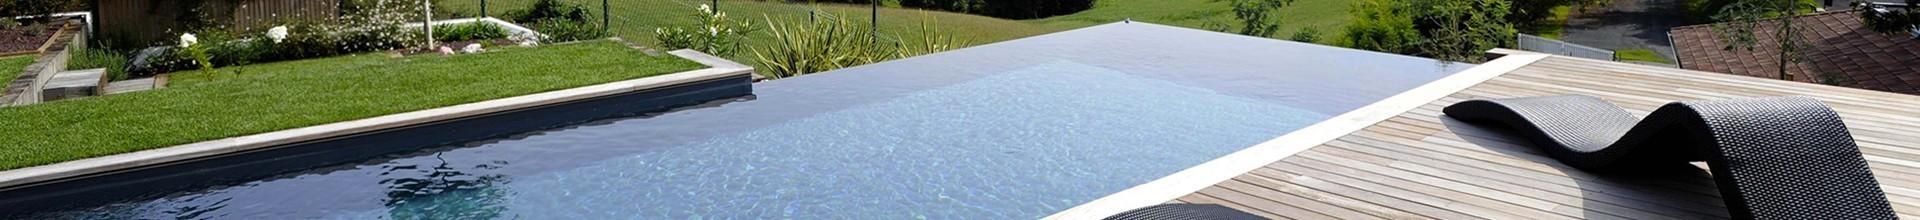 Grand Est Fabricant d'une piscine révolutionnaire et innovante